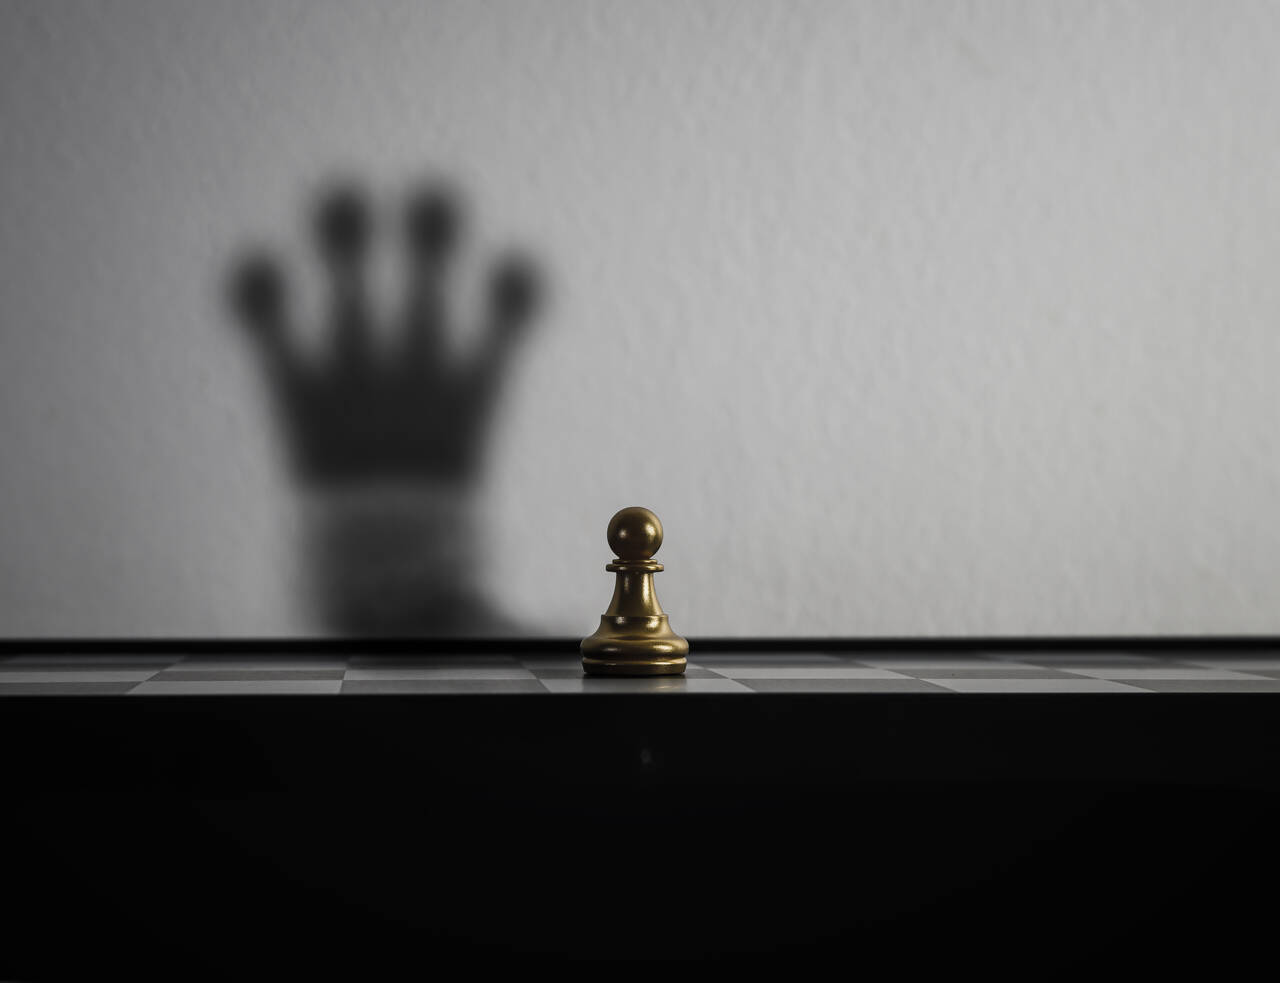 Pionek zcieniem królowej szachowej co ma symbolizować zmianę zmarnującego pieniądze natakiego któryniemarnuje pieniędzy